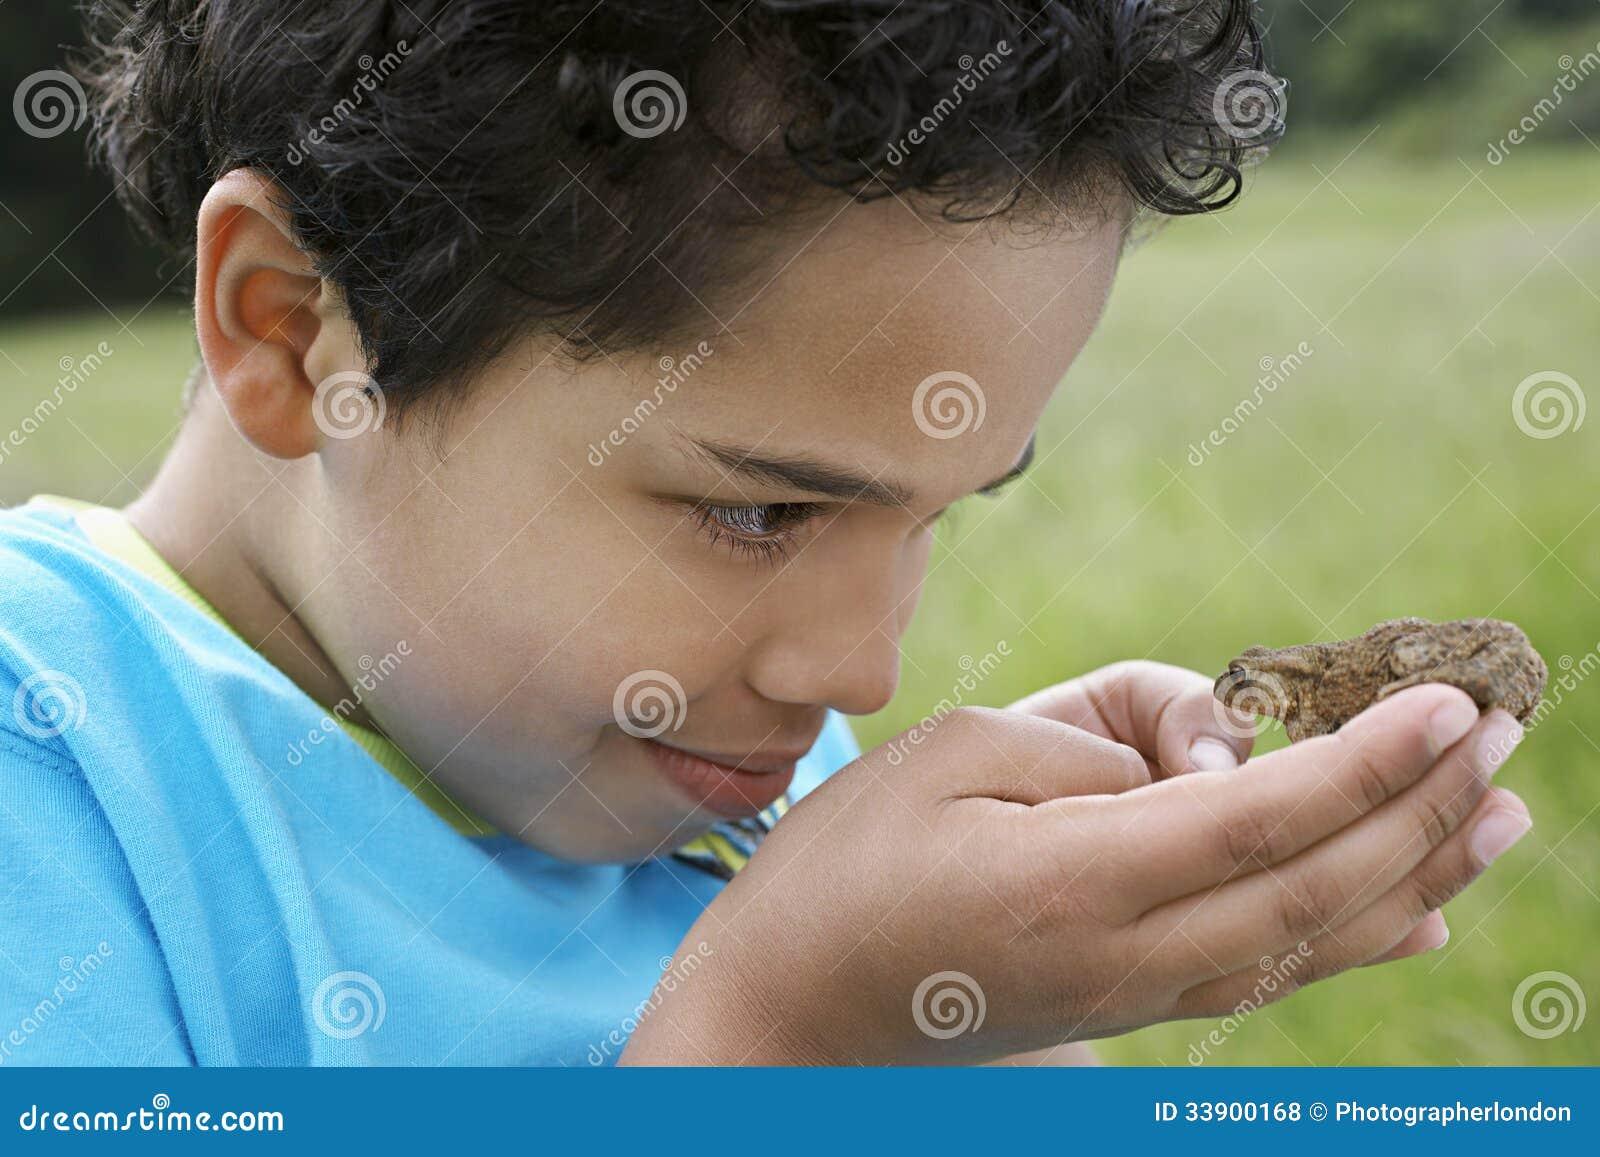 男孩观察蟾蜍户外